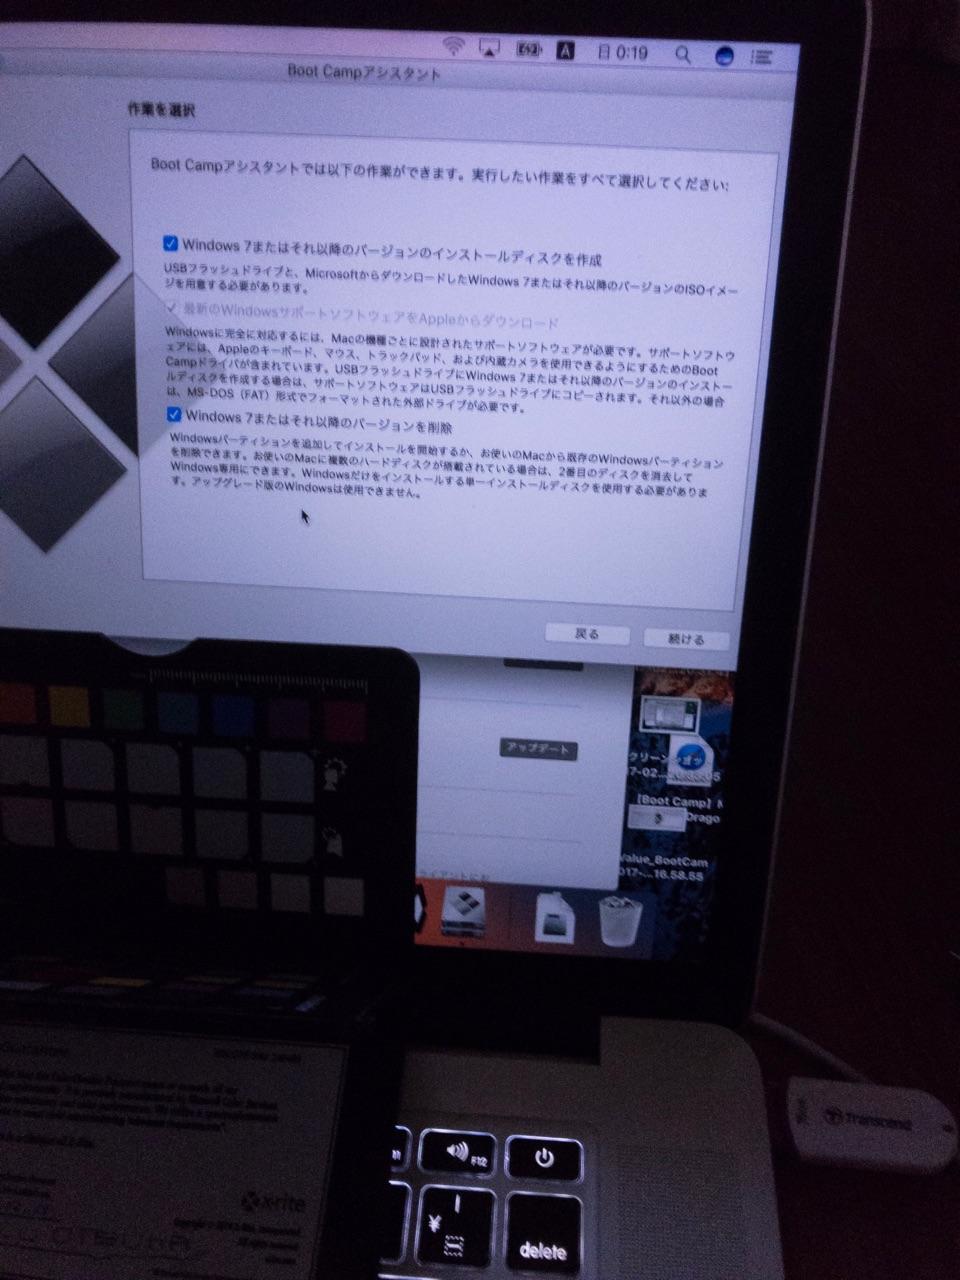 789730C6-126A-467E-929B-16C1E865506A.JPG.jpeg